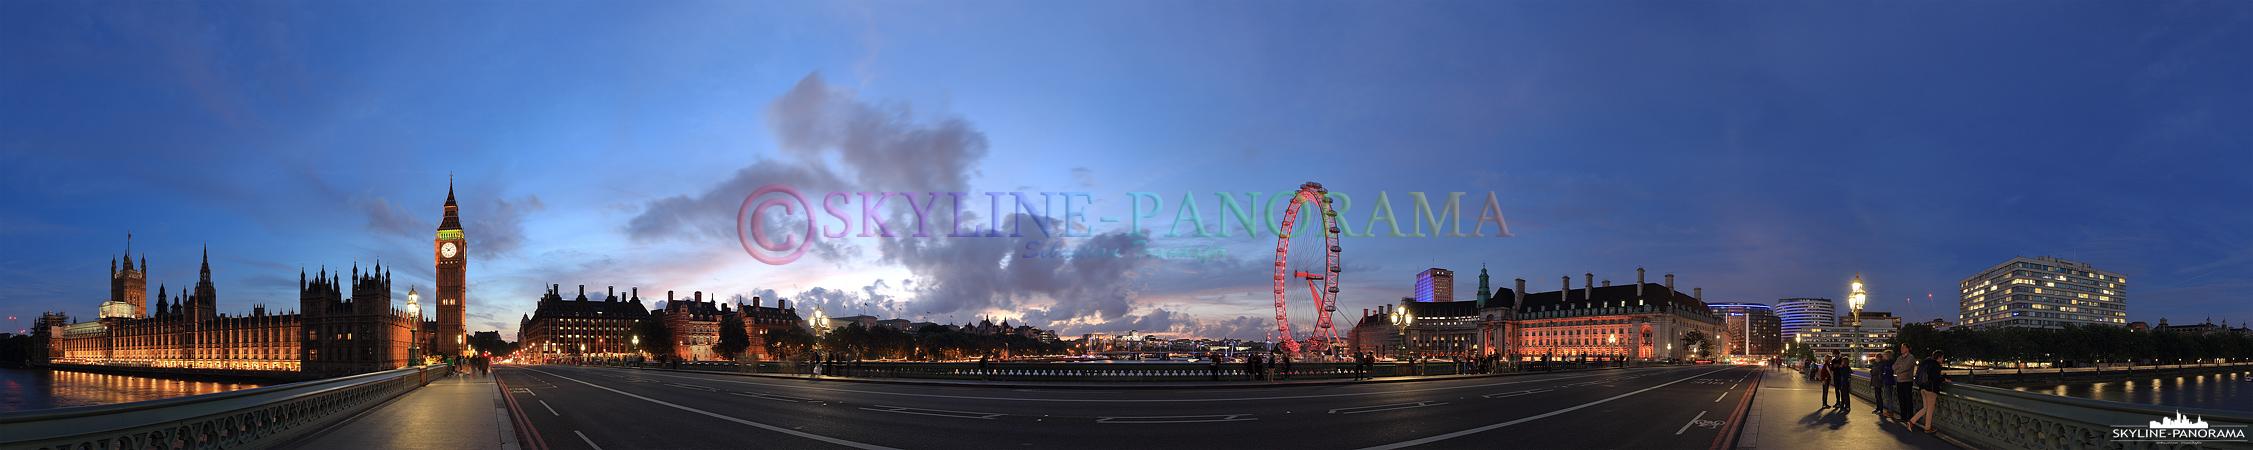 Bilder aus London – Das abendliche Panorama von der Westminster Bridge aus auf einige der bekanntesten Sehenswürdigkeiten von London, zu sehen sind der beleuchtete Palace of Westminster, Big Ben und das Riesenrad London Eye.